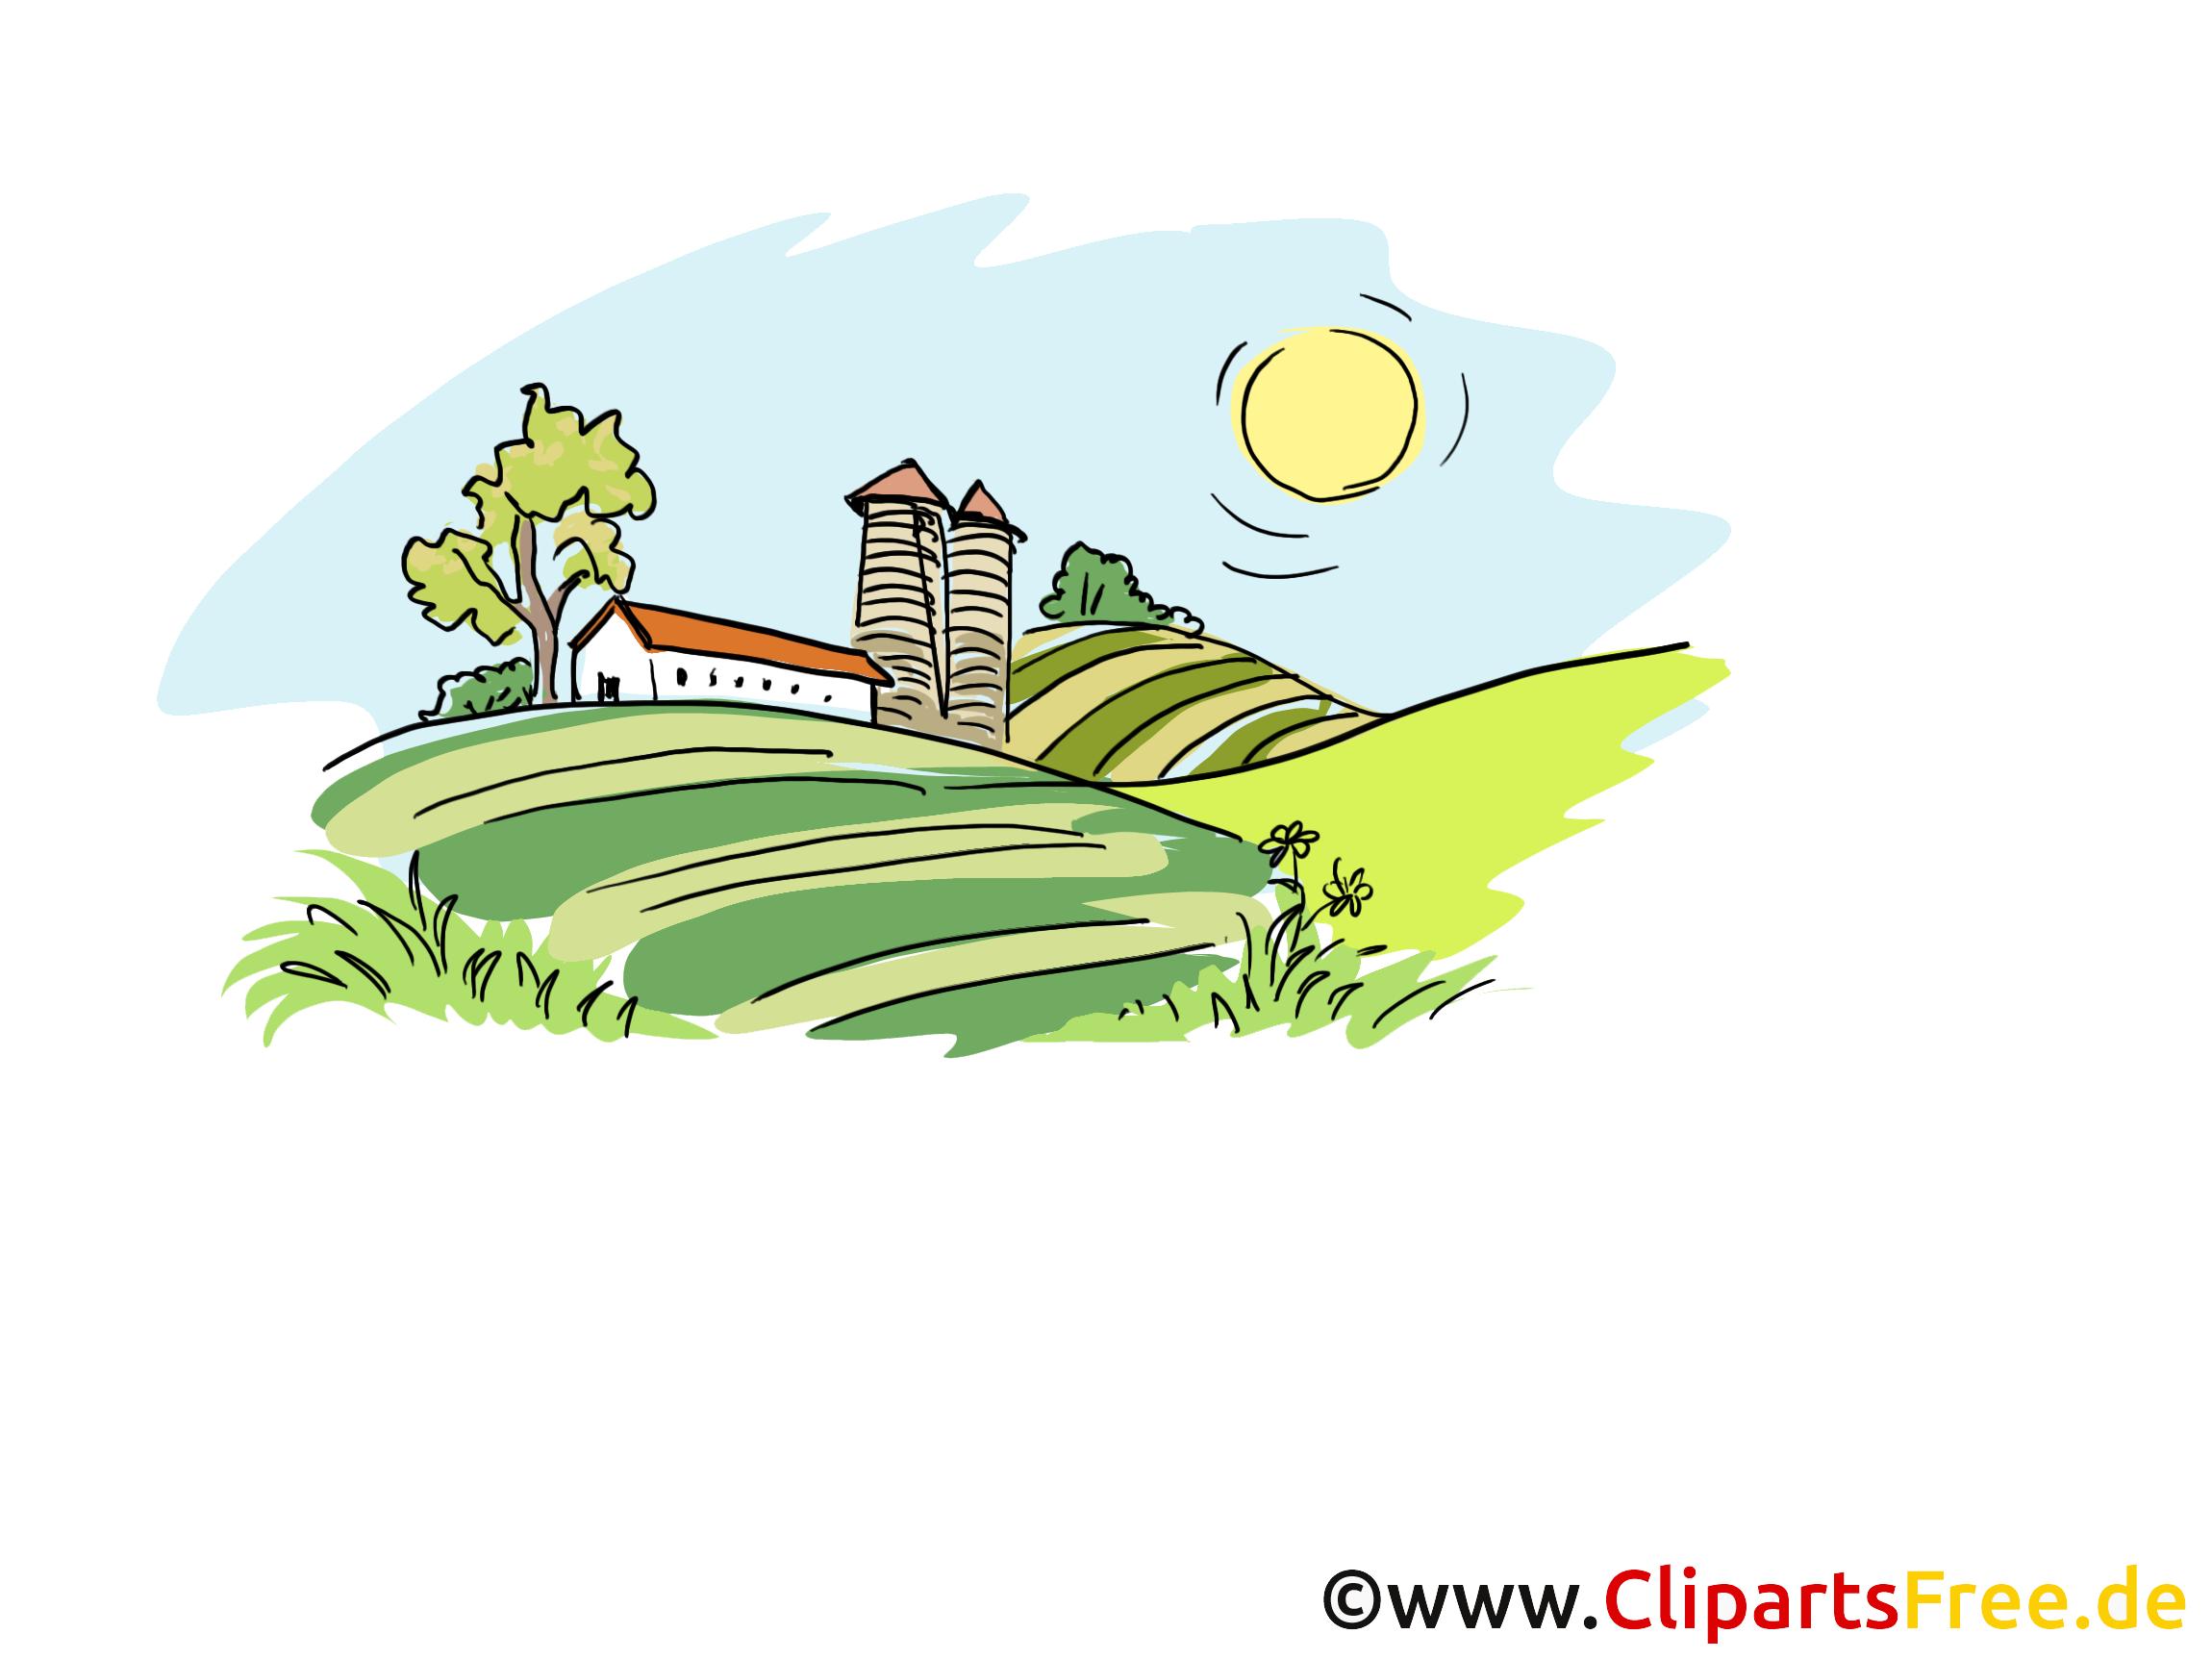 Landwirtschaft Cliparts, Bilder, Illustrationen